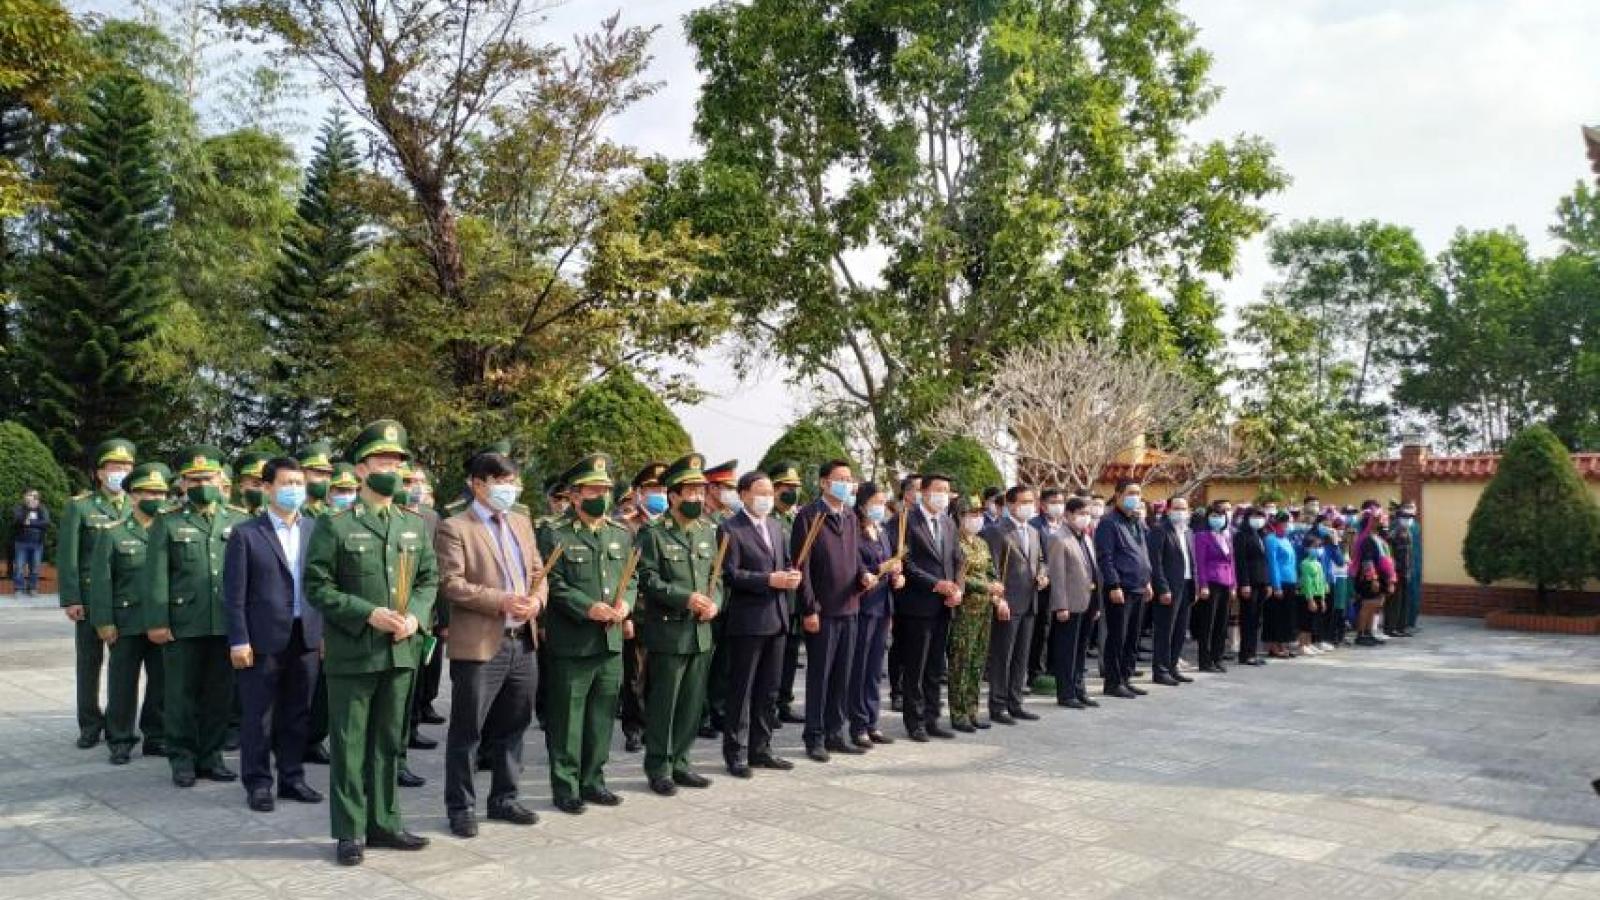 Tư lệnh BĐBP và lãnh đạo tỉnh Quảng Ninh dâng hương tại Đài tưởng niệm Liệt sỹ Pò Hèn